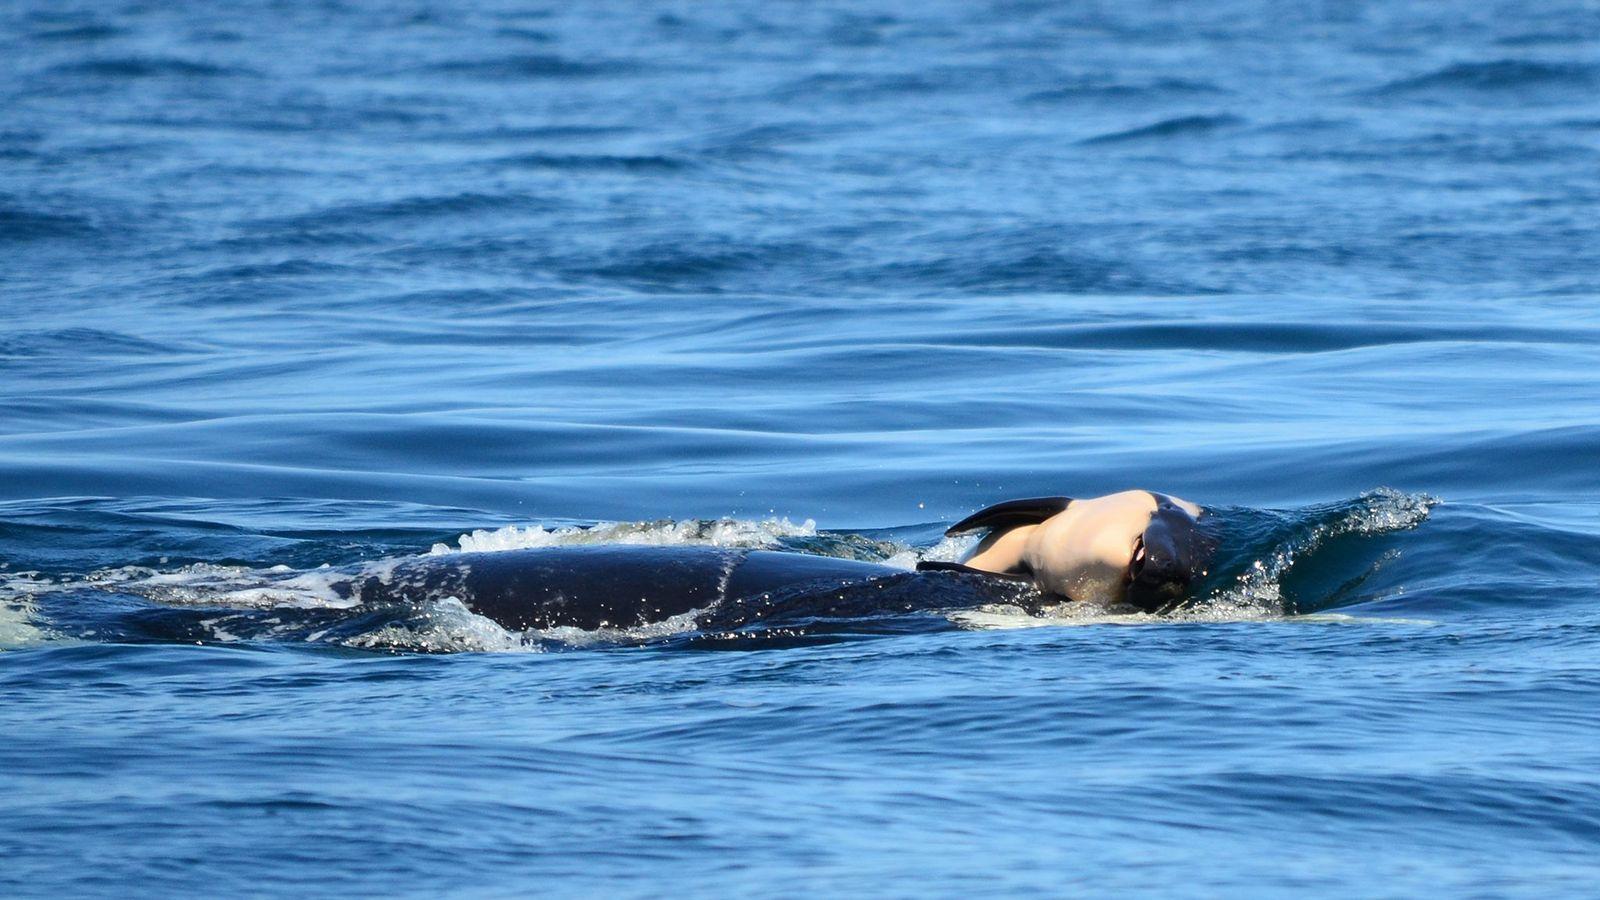 Uma orca conhecida por J35 no Pacífico Nordeste carrega o corpo da sua cria morta.